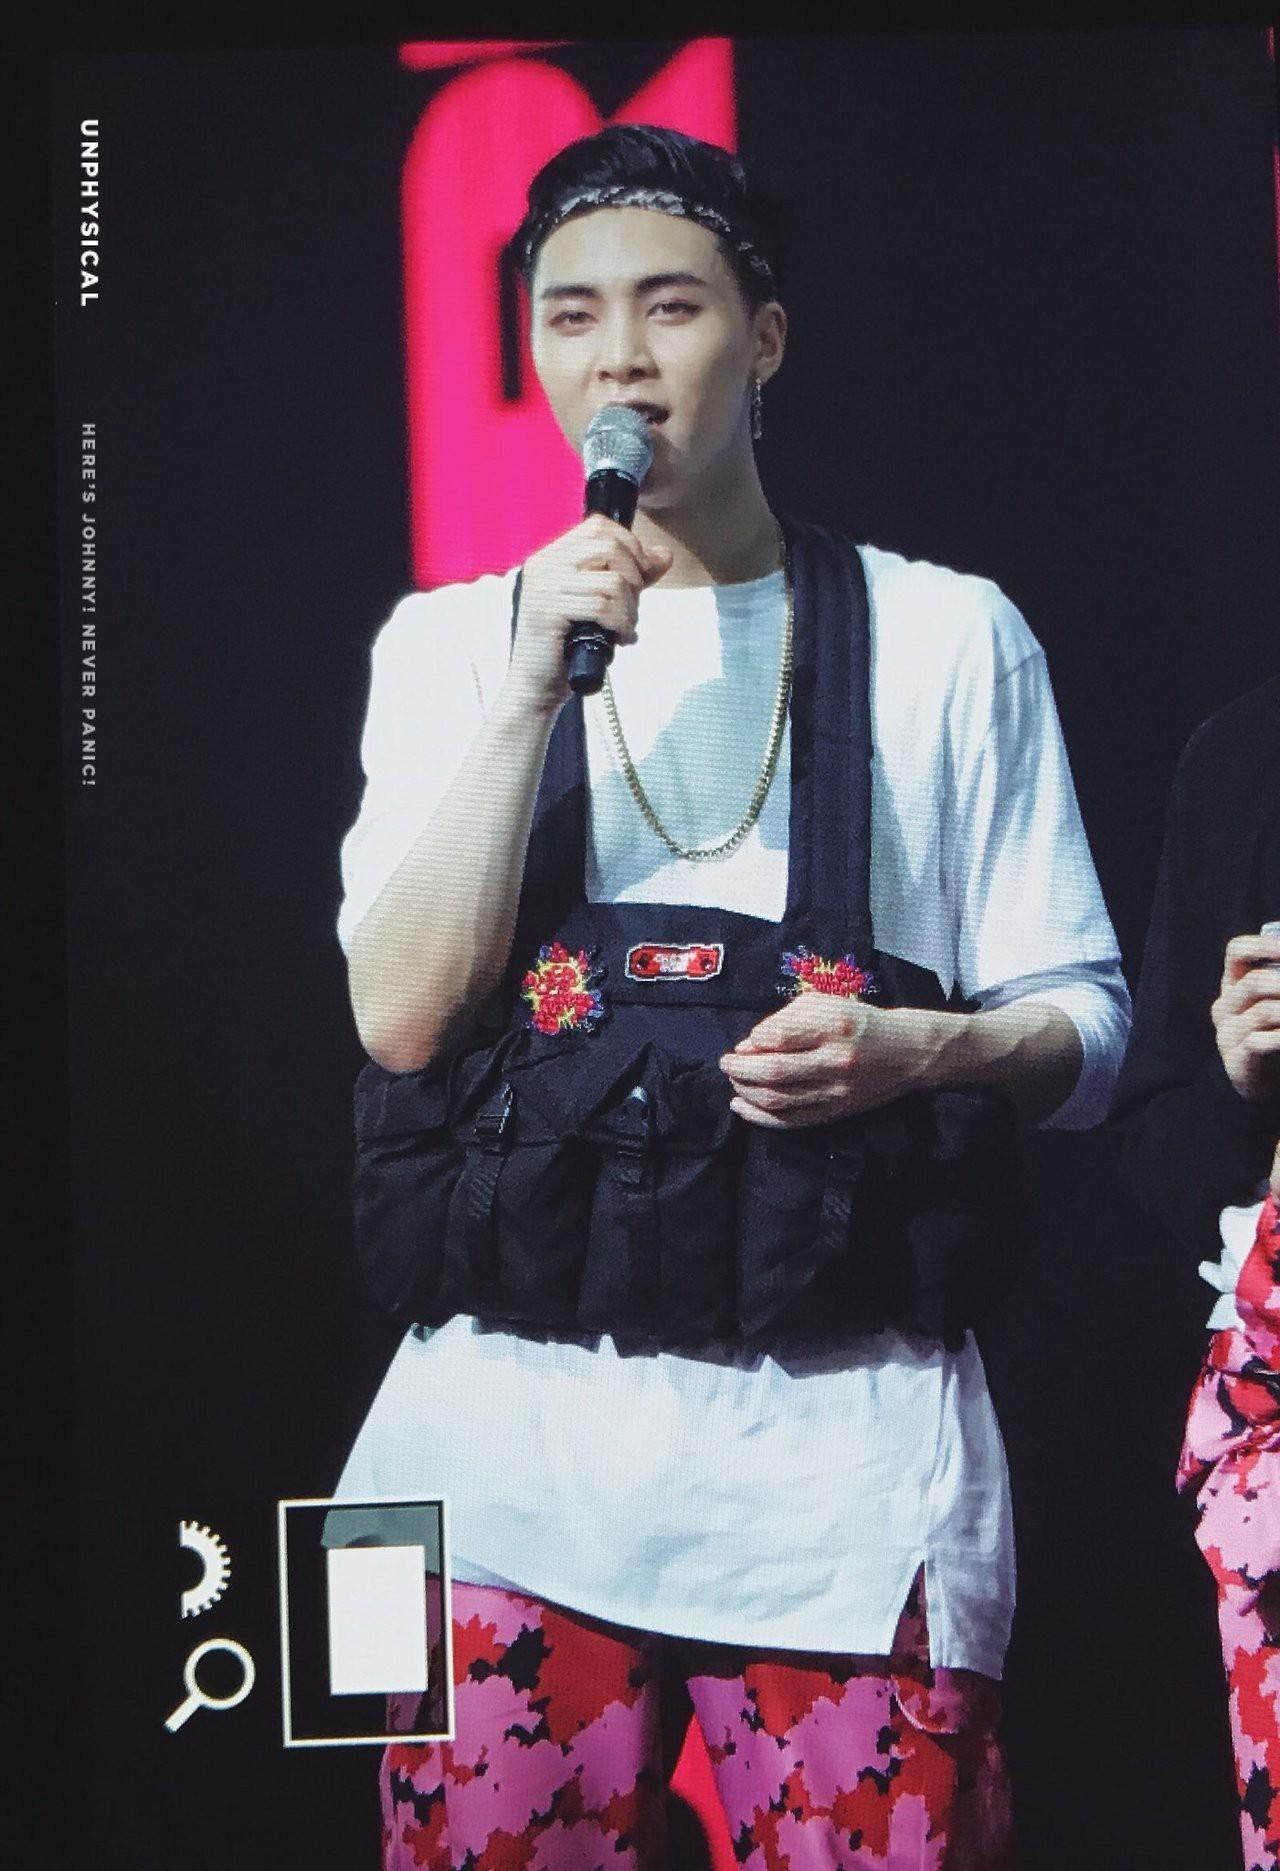 Những trang phục biểu diễn của sao Hàn khiến fan thắc mắc: Họ lấy đâu ra dũng khí để mặc như vậy? - Ảnh 12.